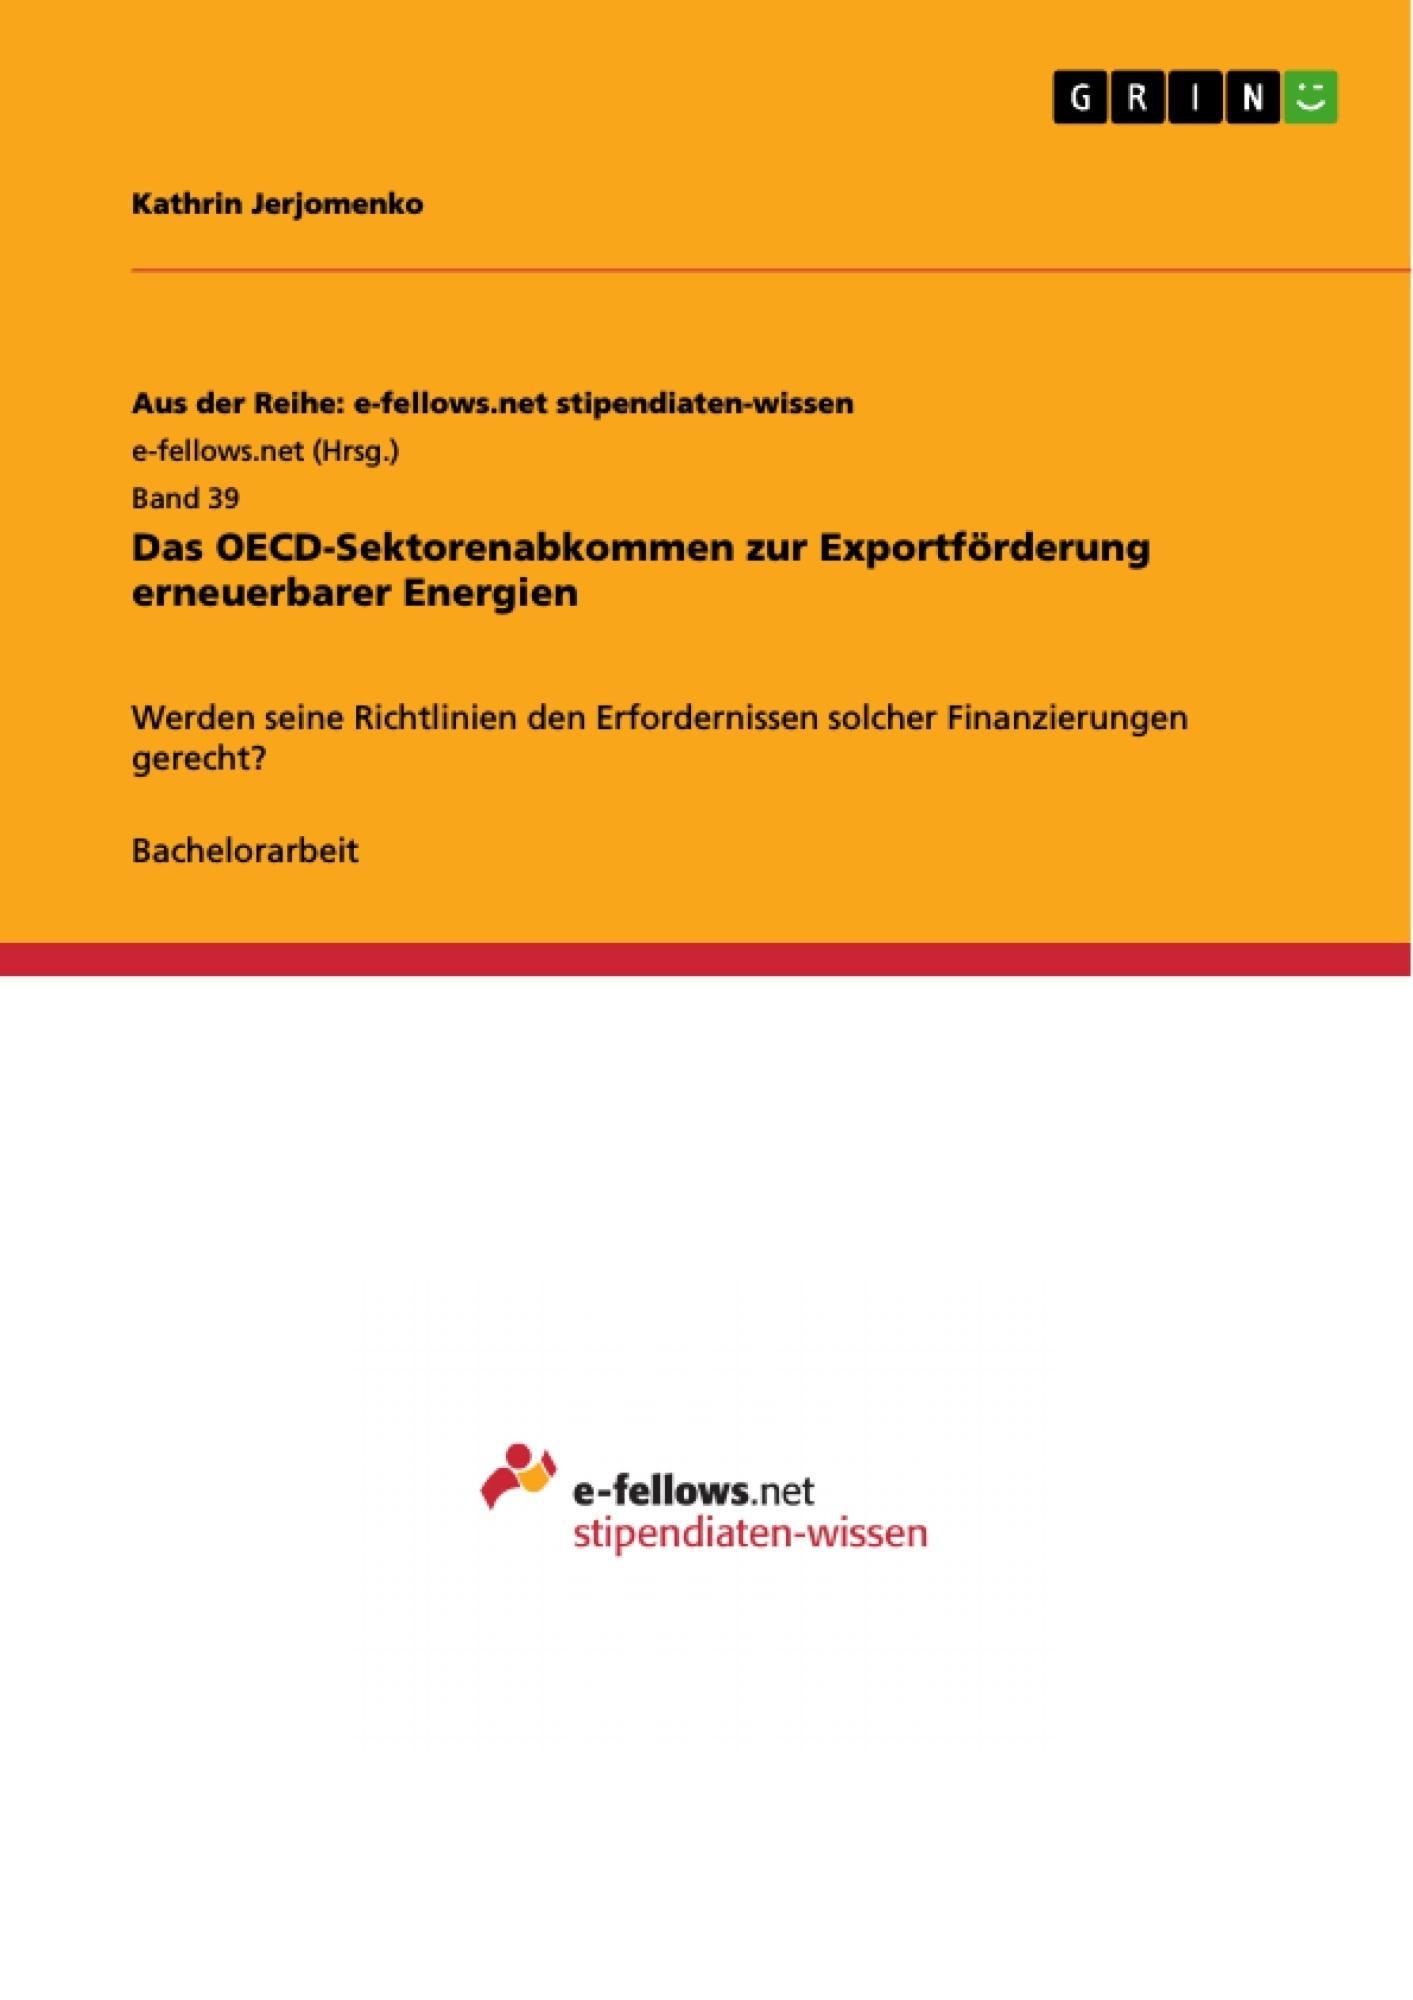 Titel: Das OECD-Sektorenabkommen zur Exportförderung erneuerbarer Energien